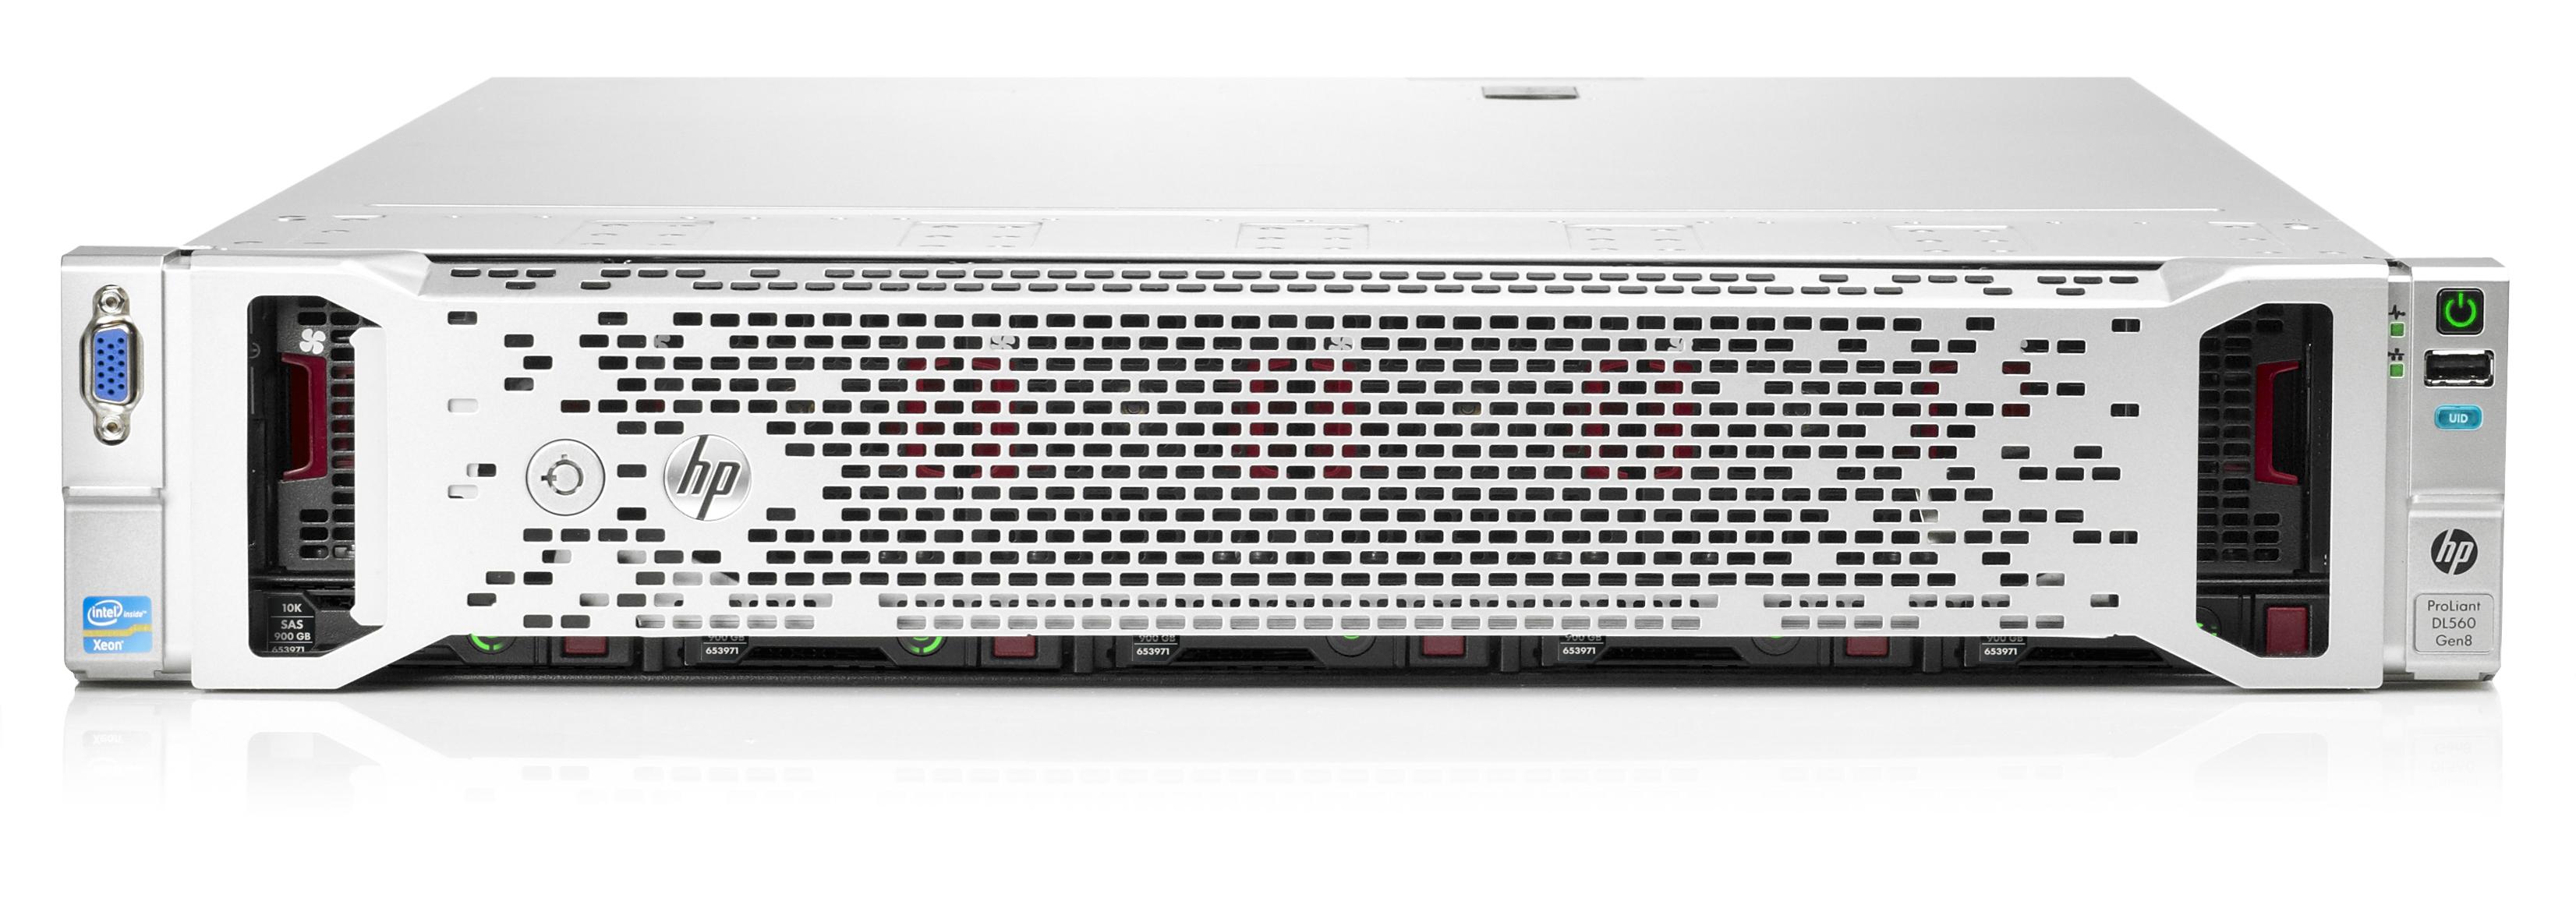 HP DL560 Gen8 E5-4640v2 128GB EU Svr